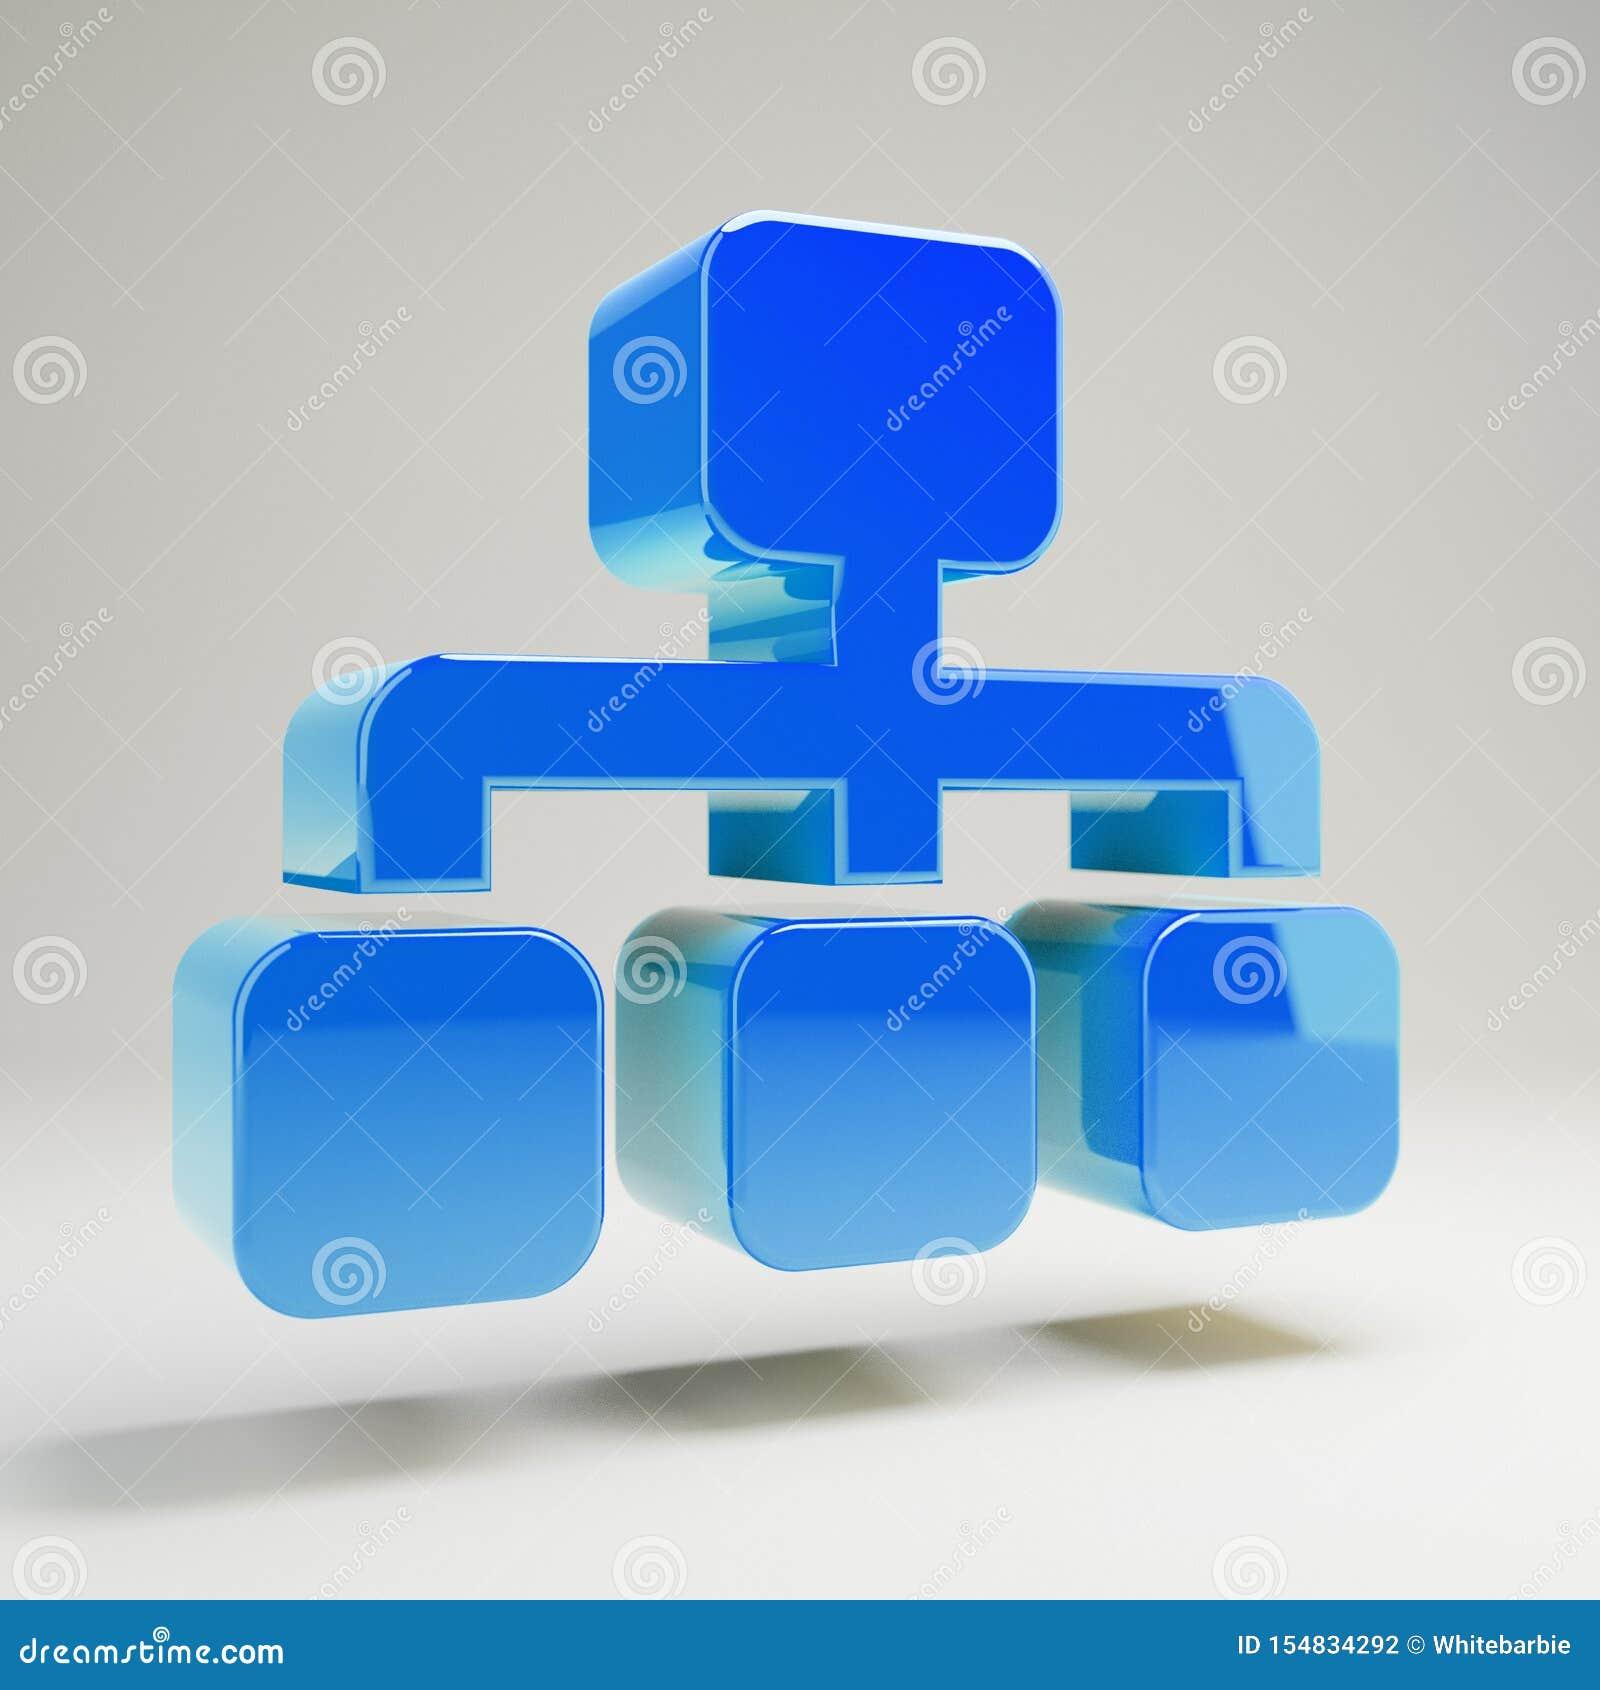 Volymetrisk glansig blå Sitemap symbol som isoleras på vit bakgrund